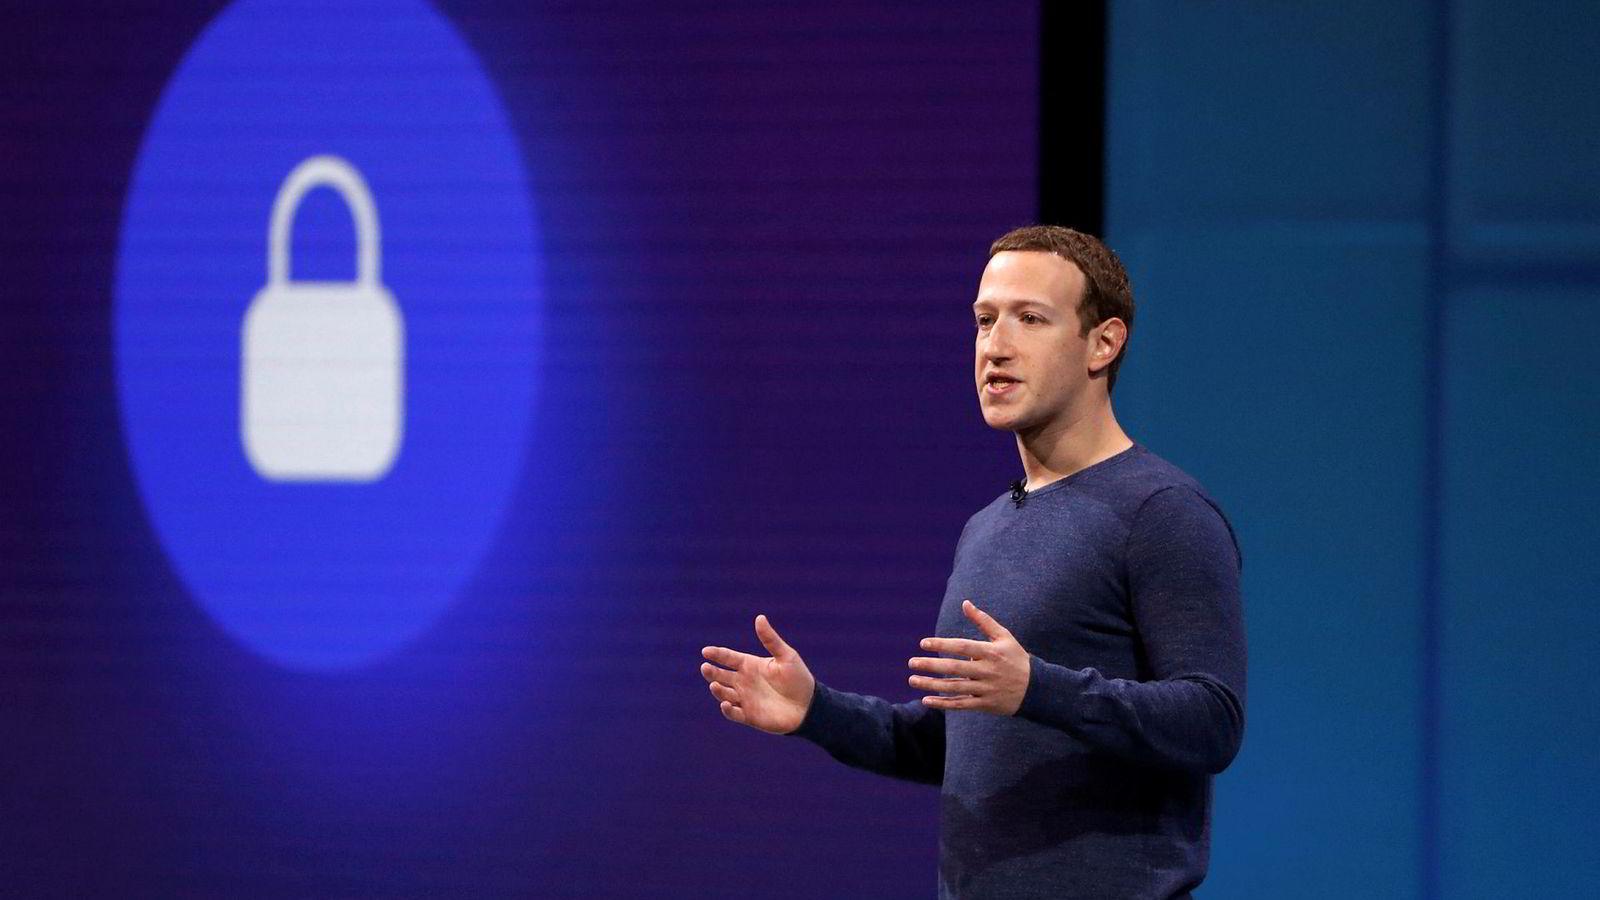 I året som har gått, har Mark Zuckerberg som kjent blitt presset fra skanse til skanse til å måtte forklare seg både om arbeidet mot falske nyheter, og til å være mer åpen om selskapets strategi og verktøy.